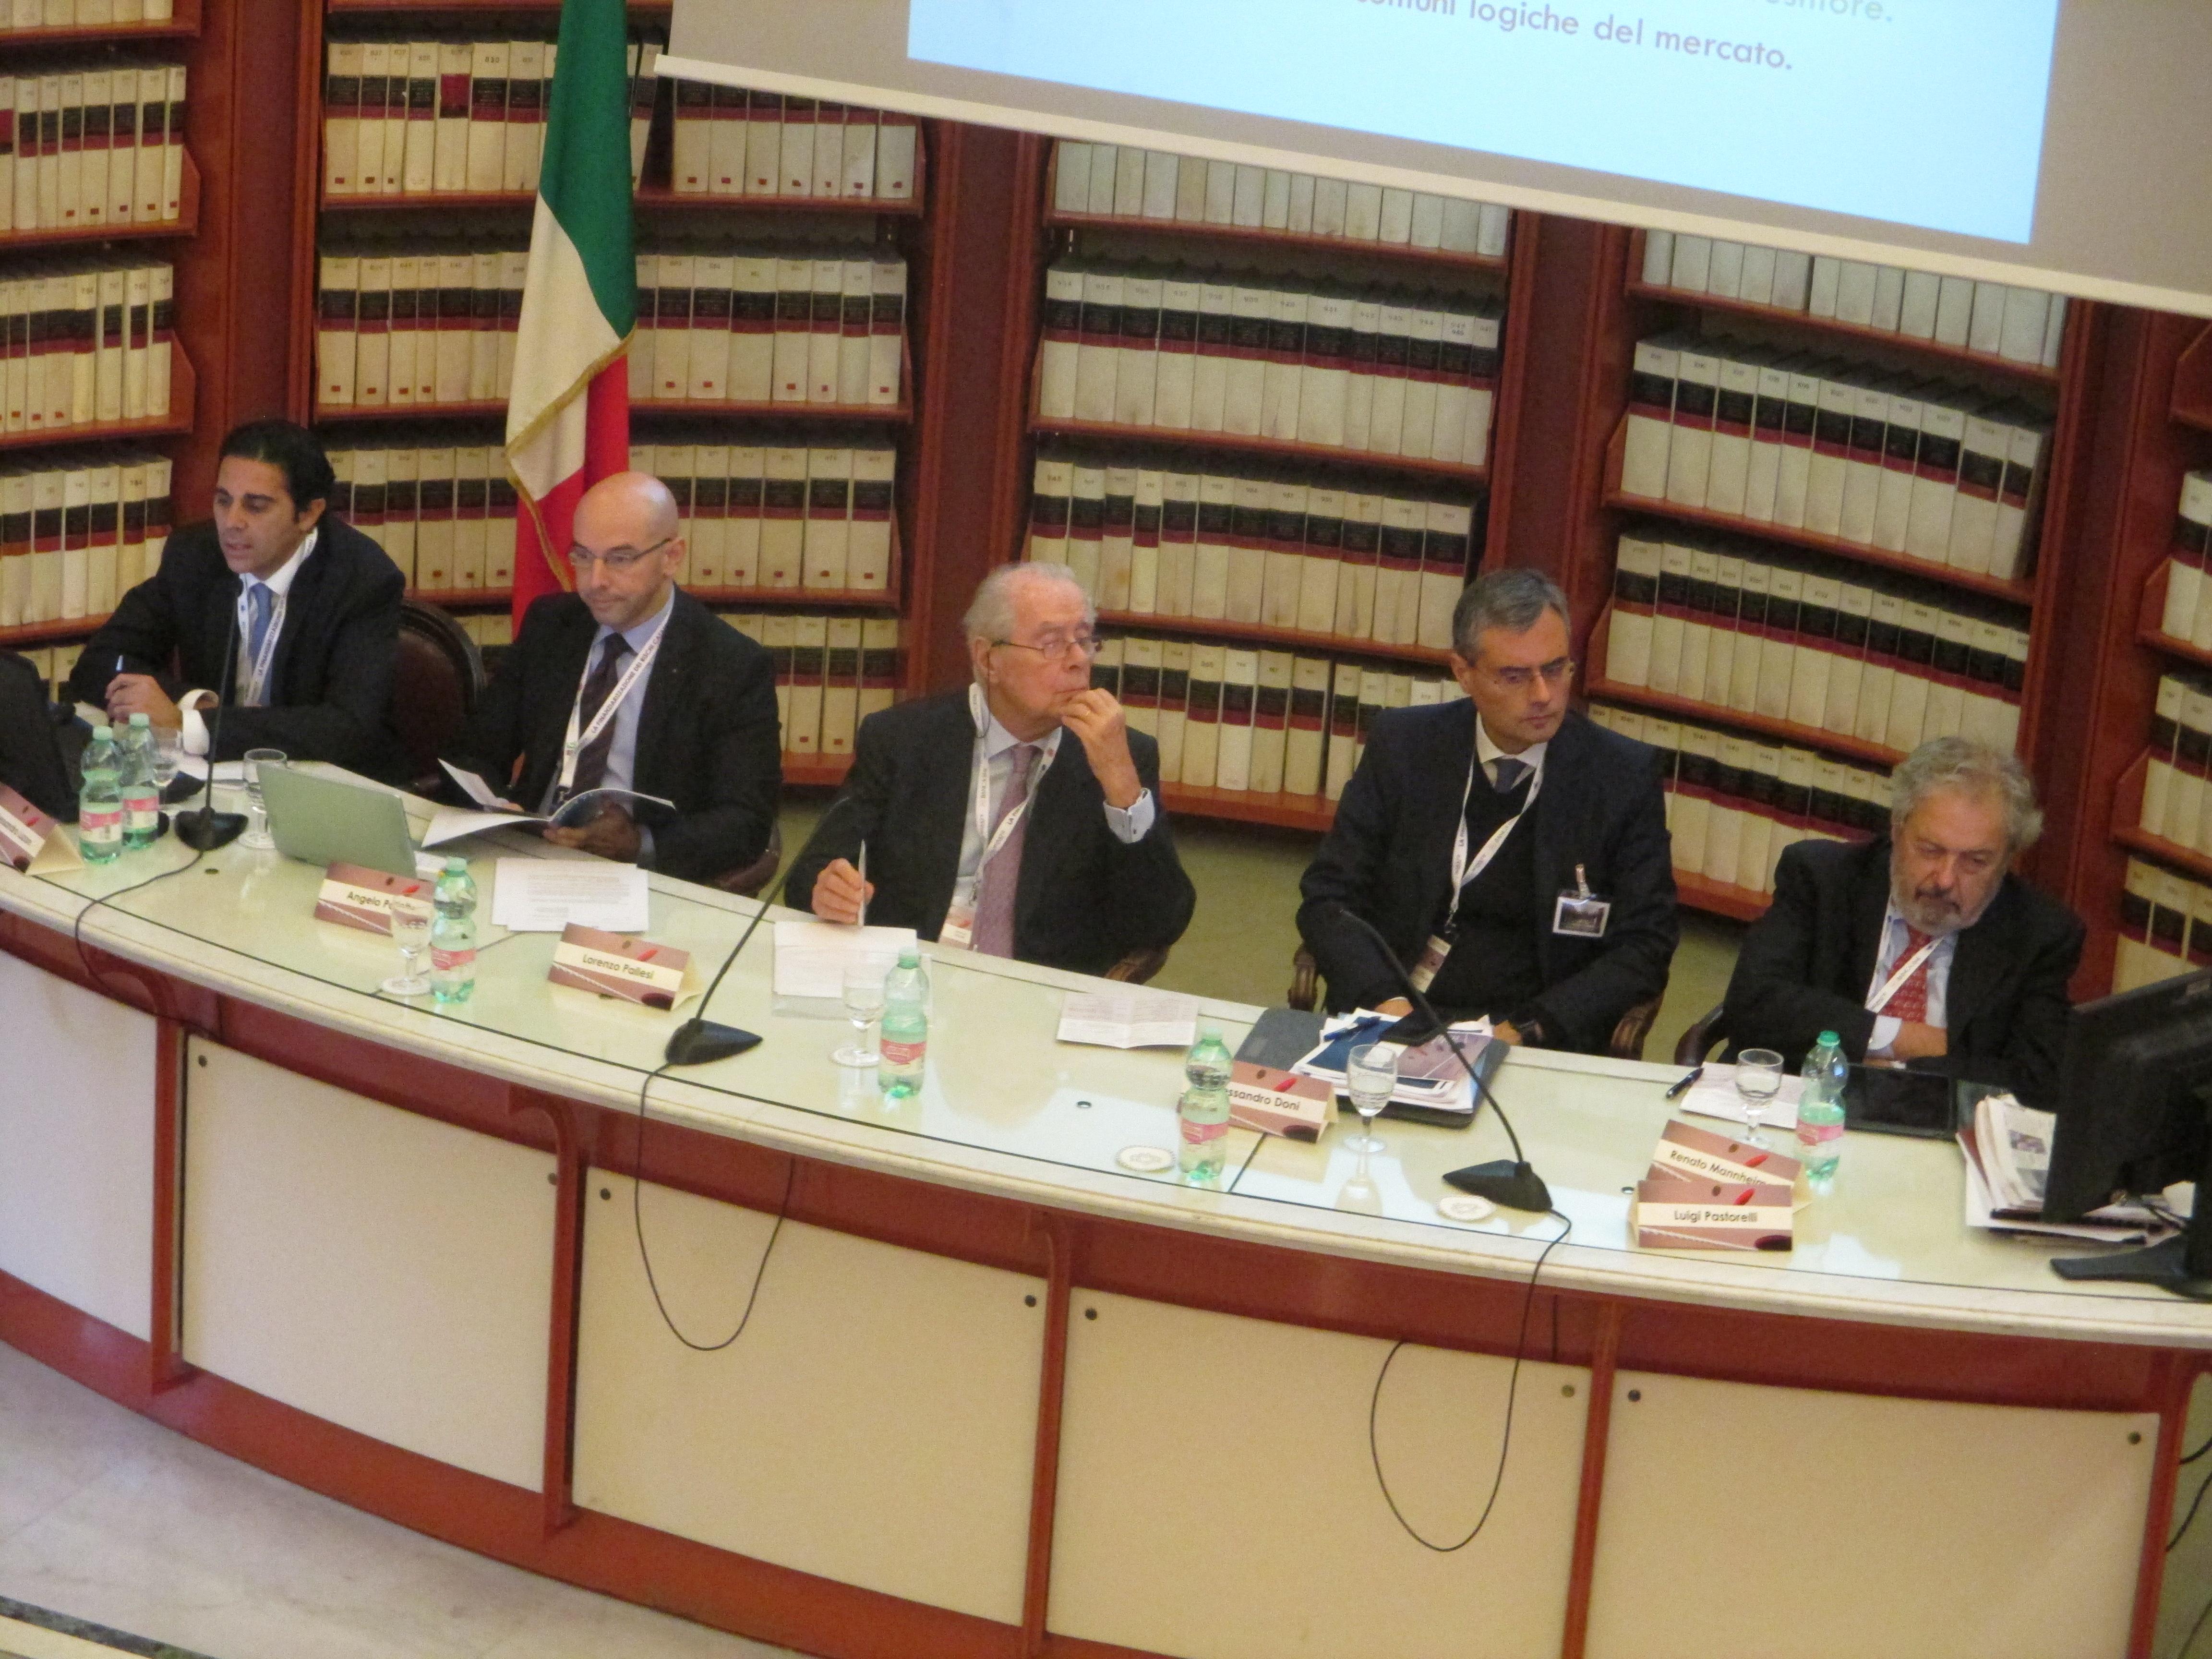 Paletta relatore al convegno finanziarizzazione dei for Biblioteca camera dei deputati